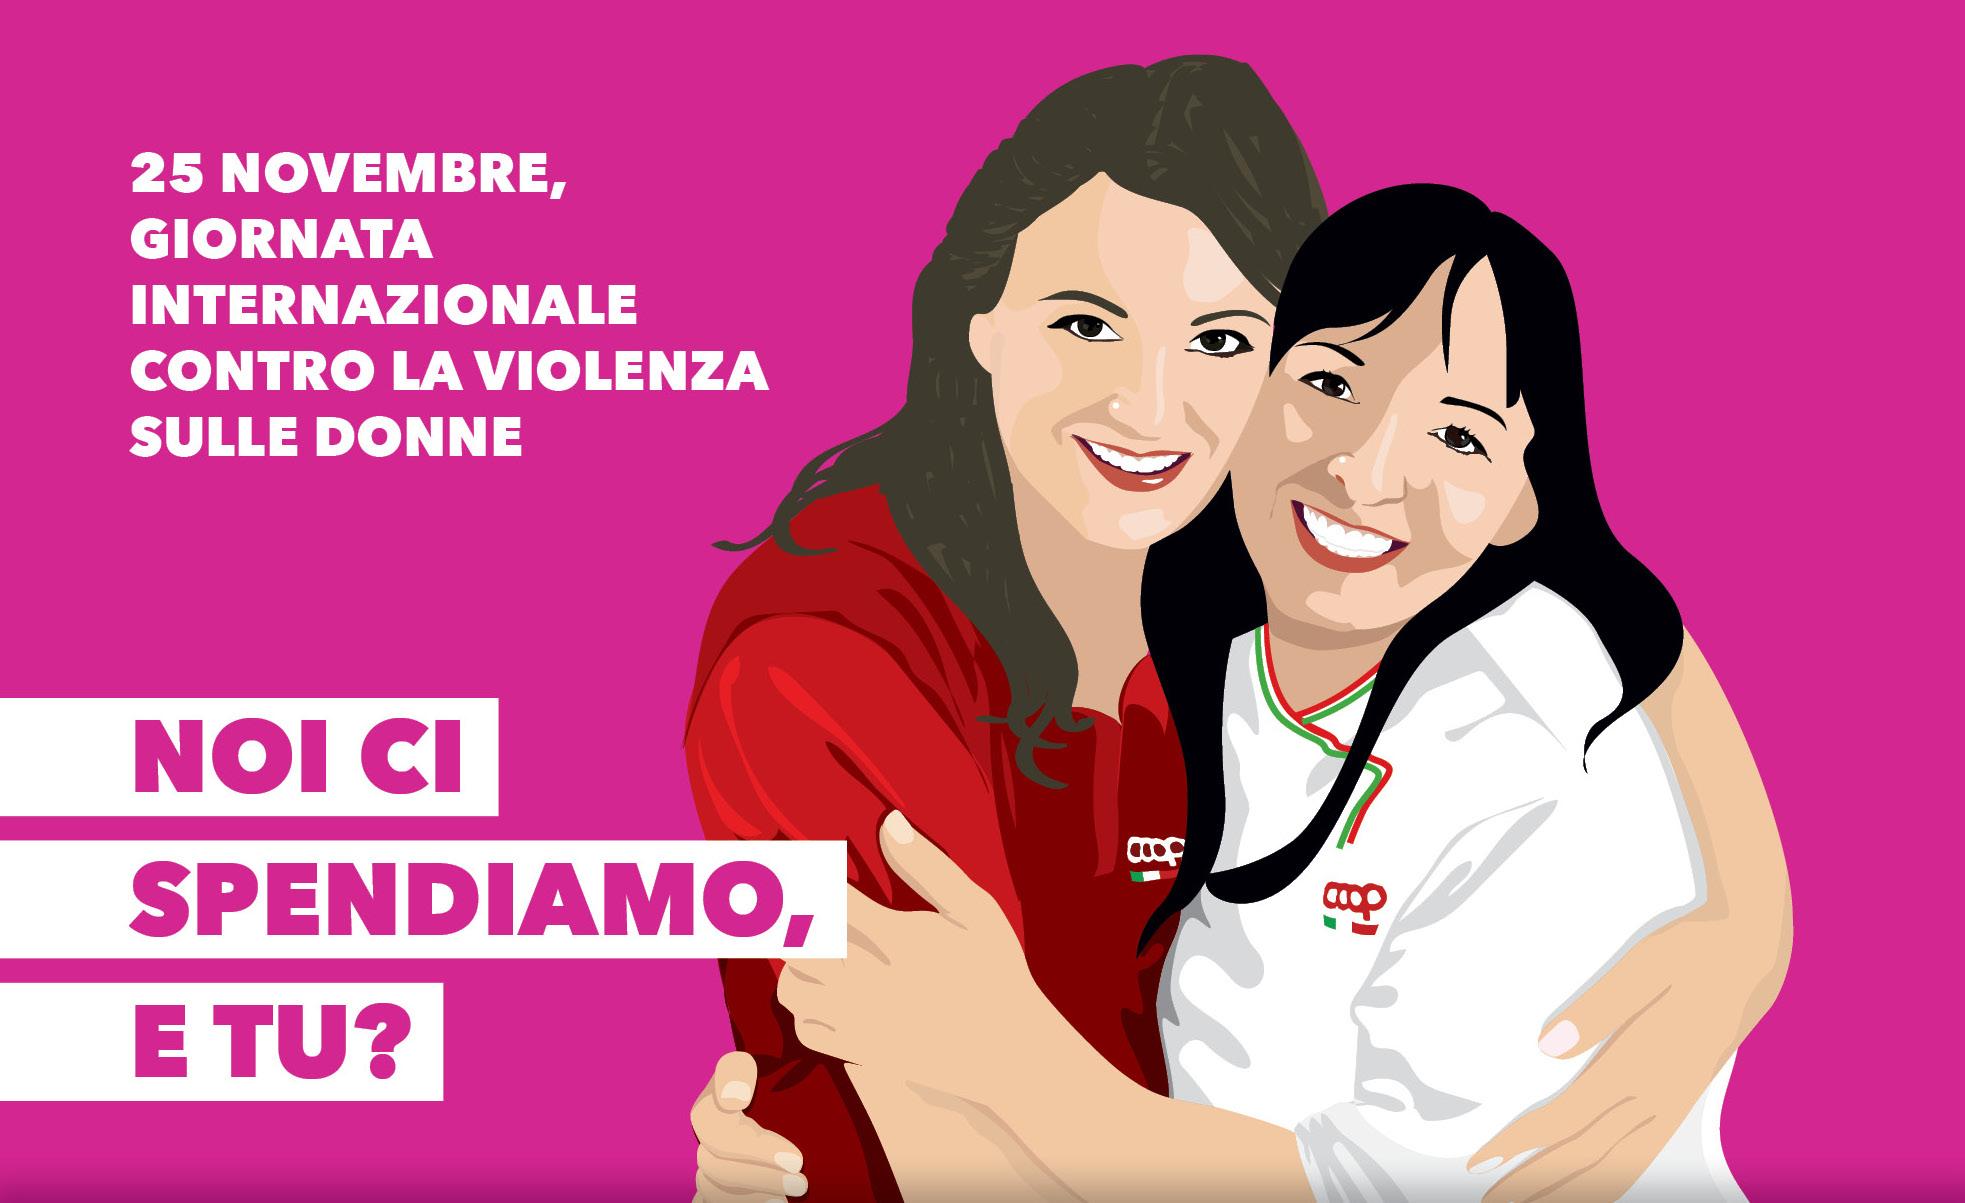 Giornata Mondiale contro la violenza sulle donne: Coop Alleanza 3.0 si spende e sostiene la causa. Appuntamenti a Modena e Ferrara